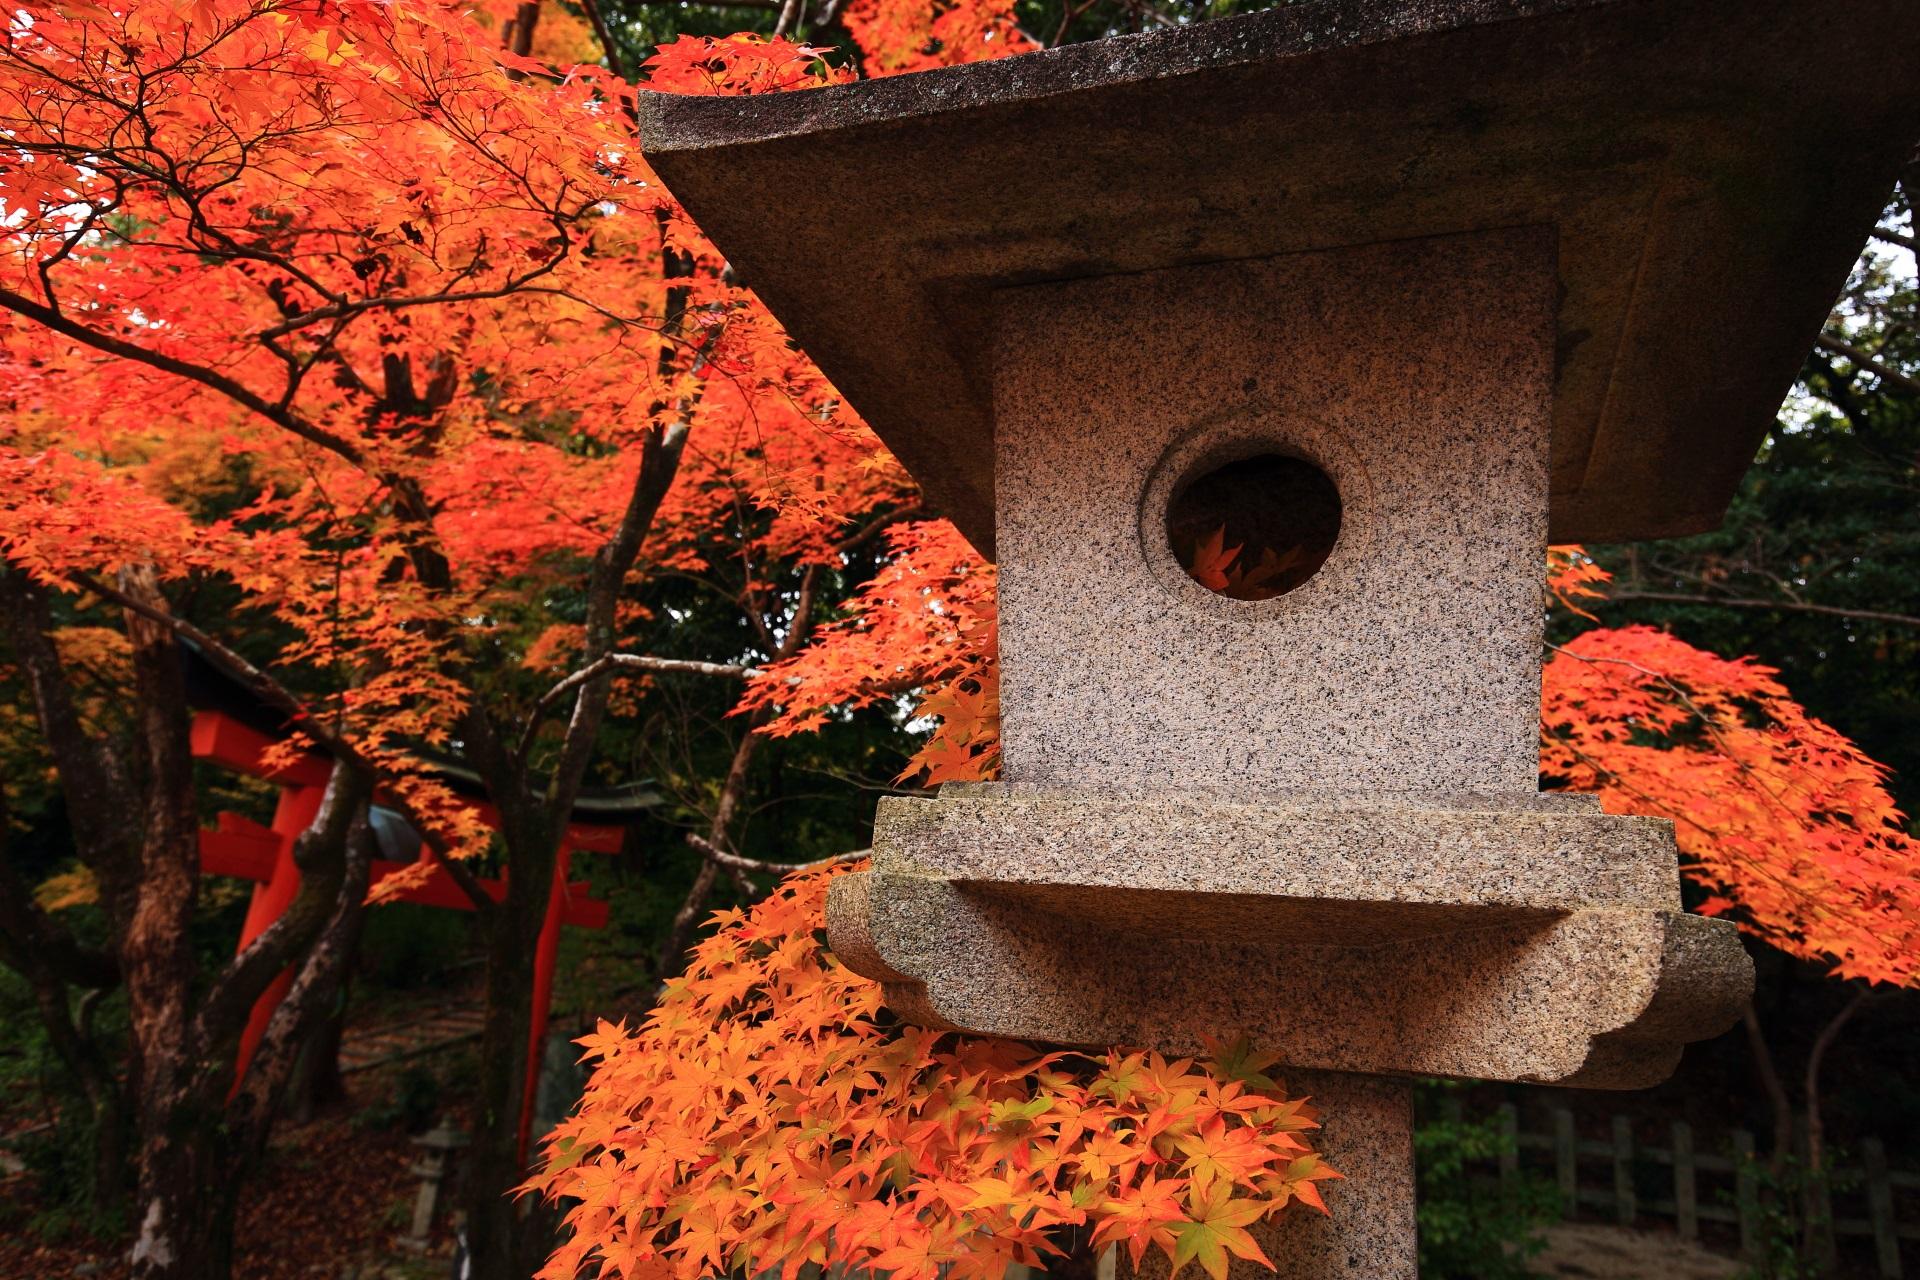 竹中稲荷神社の燈籠から顔を出す元気いっぱいの紅葉